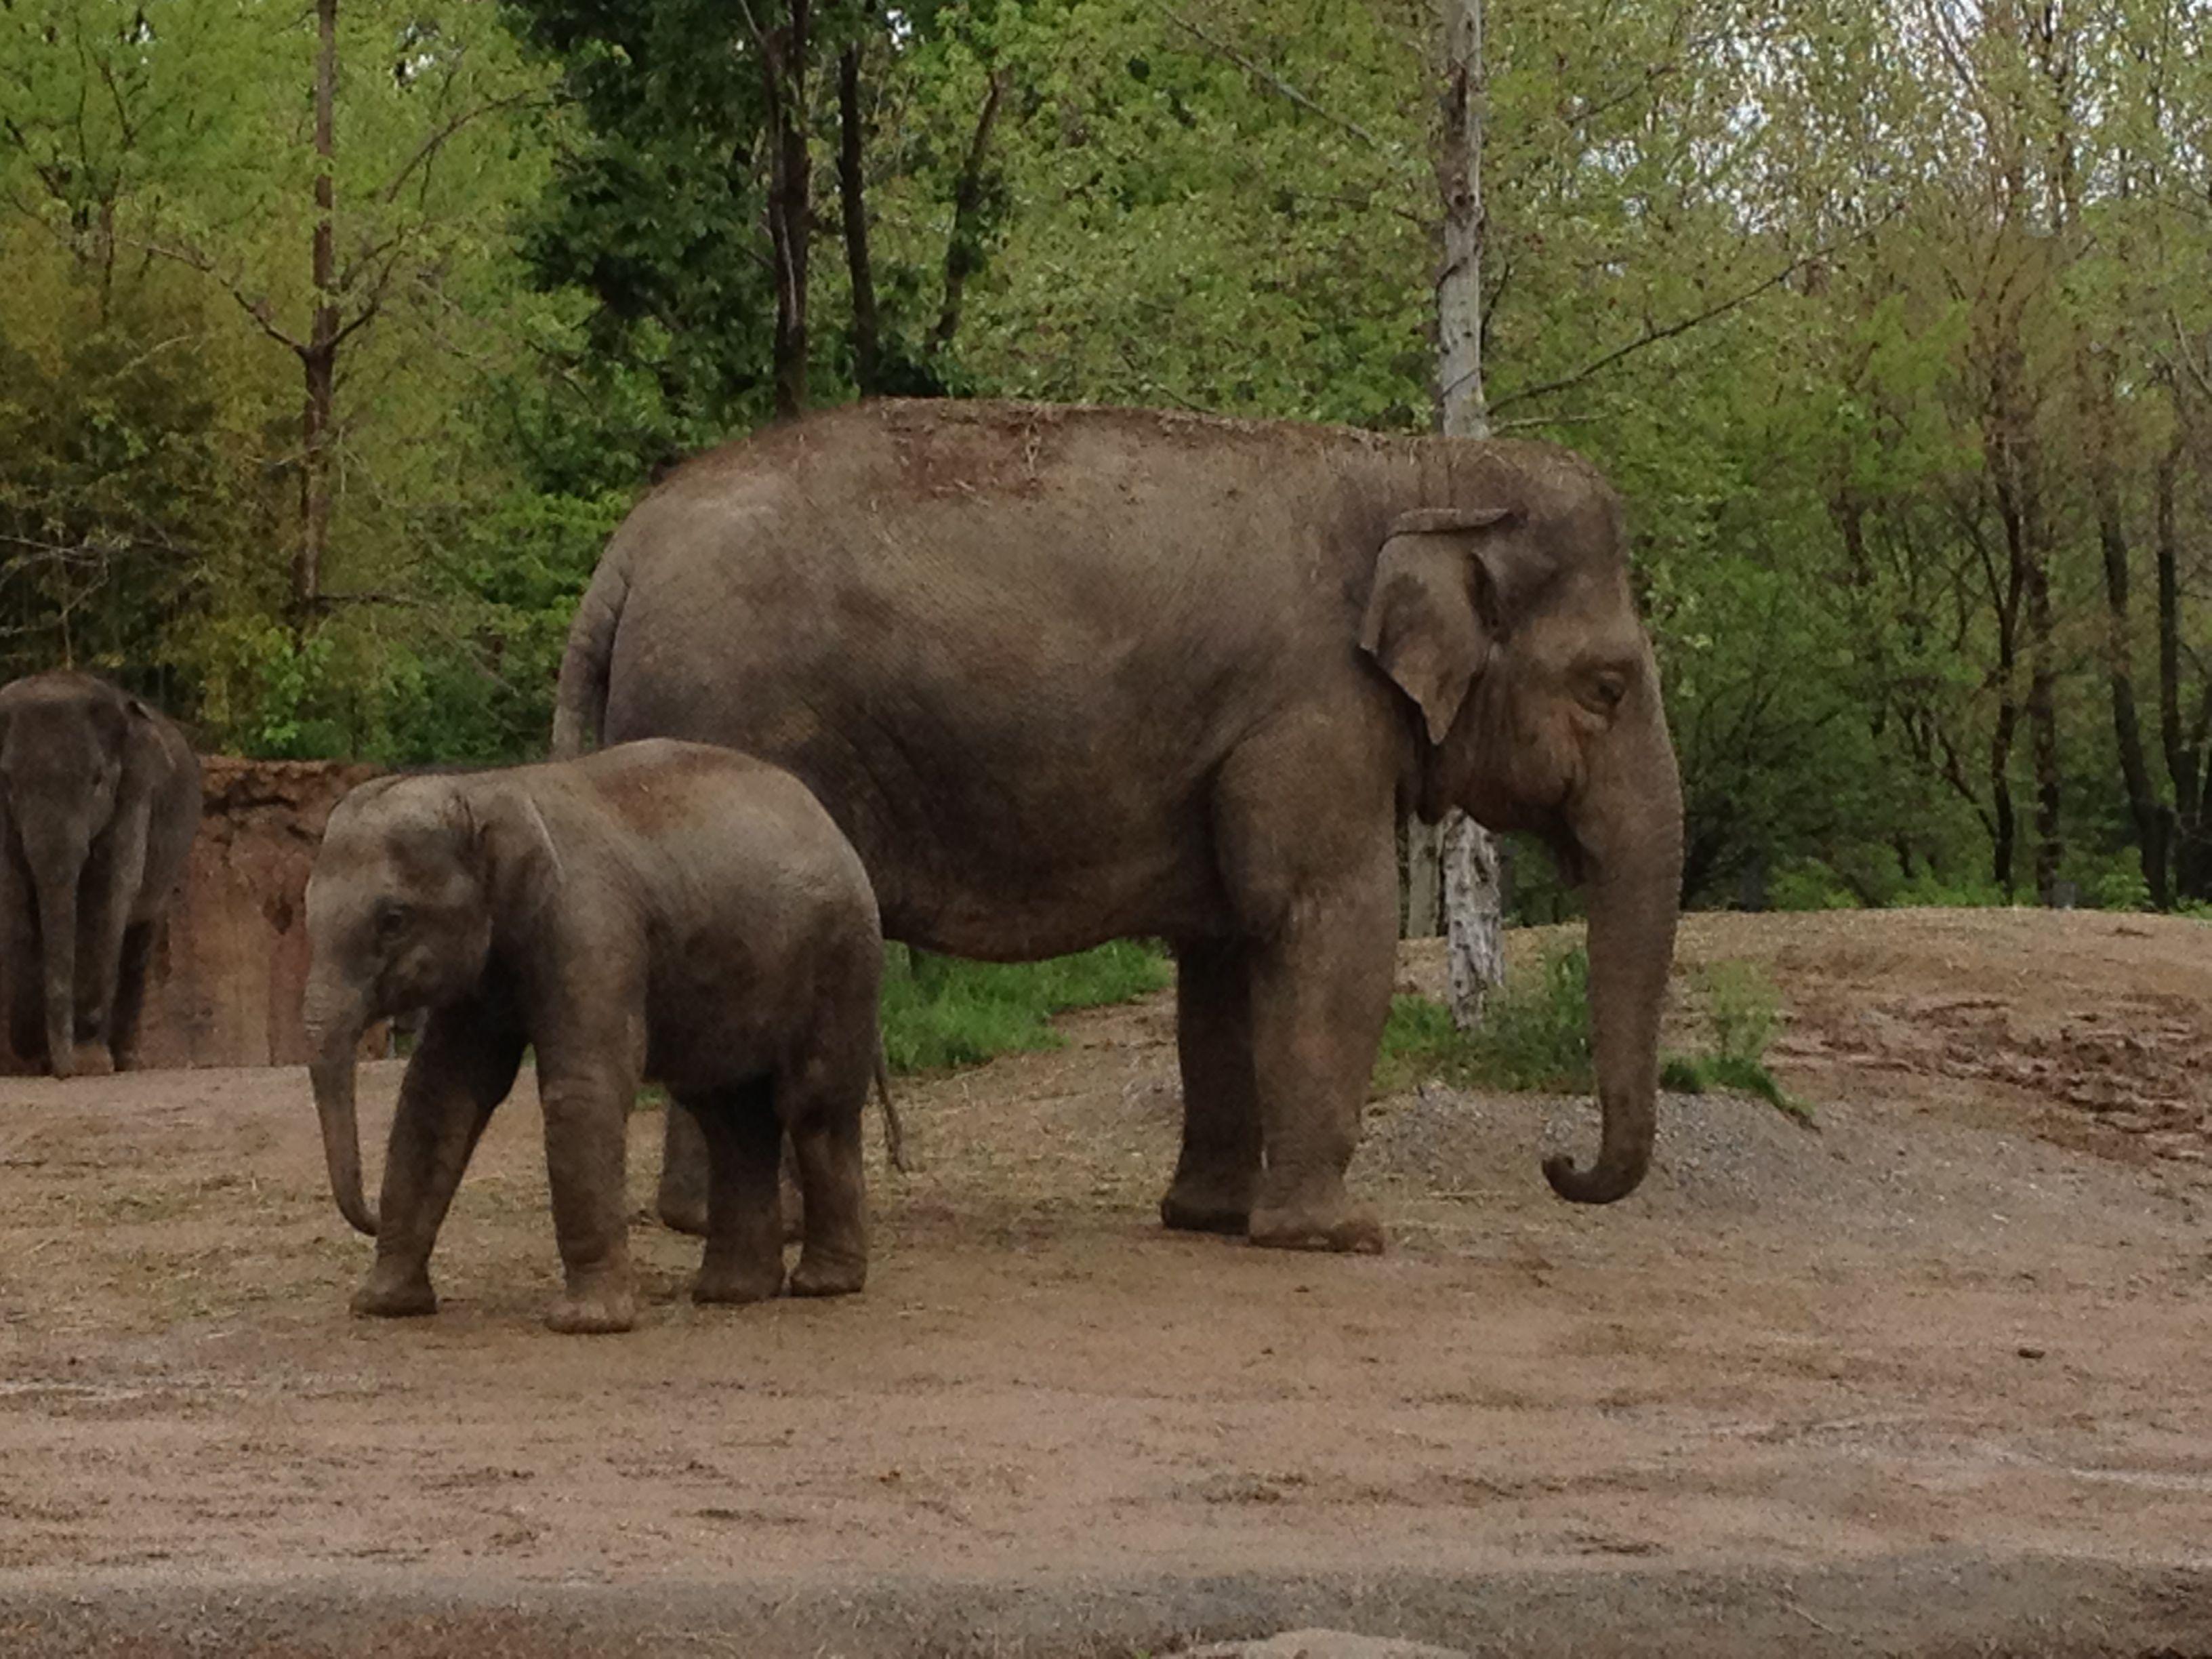 Adult and baby elephants